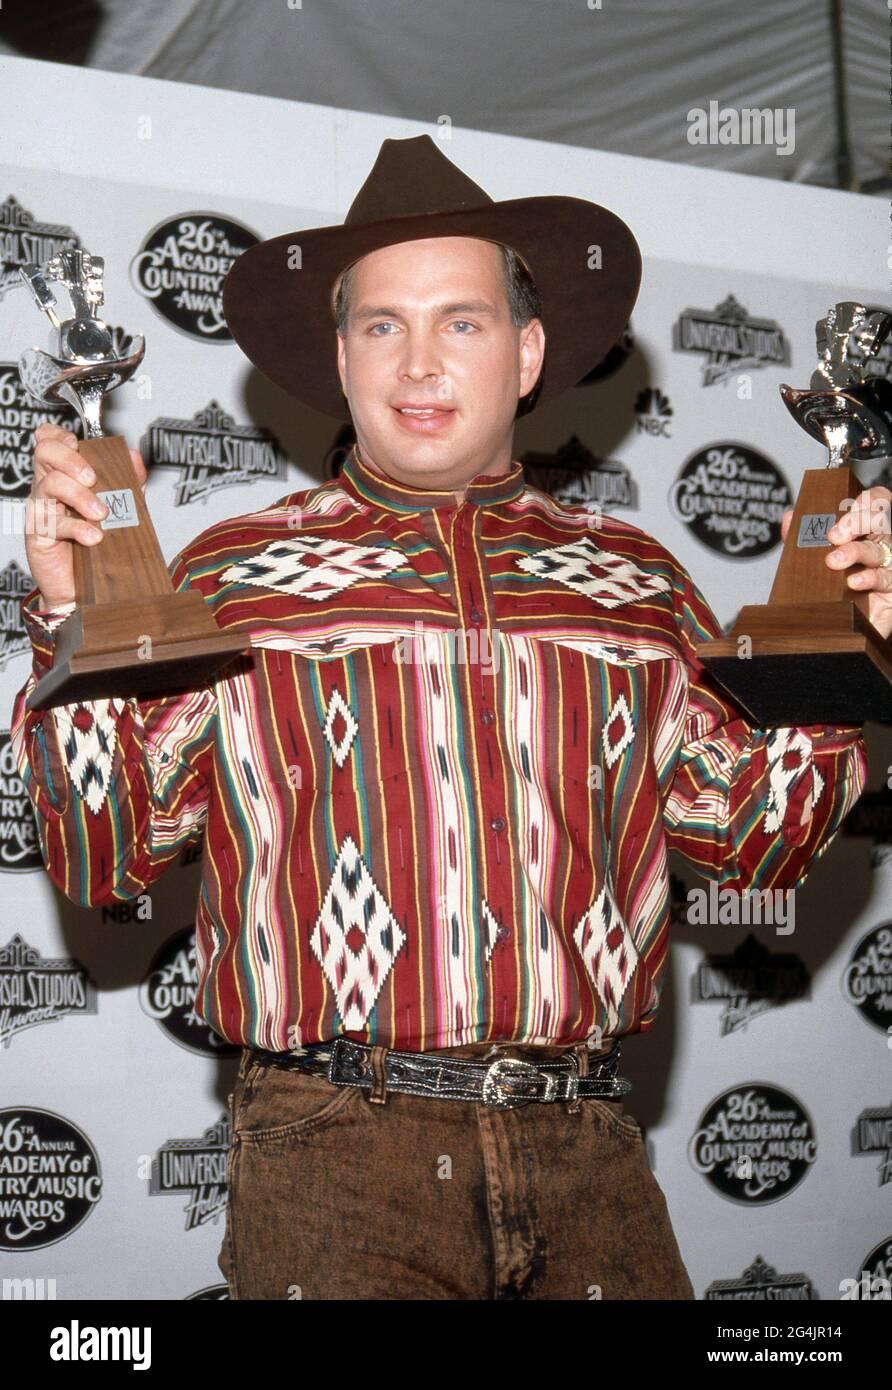 Garth Brooks en los Premios anuales de la Academia de Música Country 26th en Universal Ampitheater en Universal City, California 24 de abril de 1991 Crédito: Ralph Dominguez/MediaPunch Foto de stock